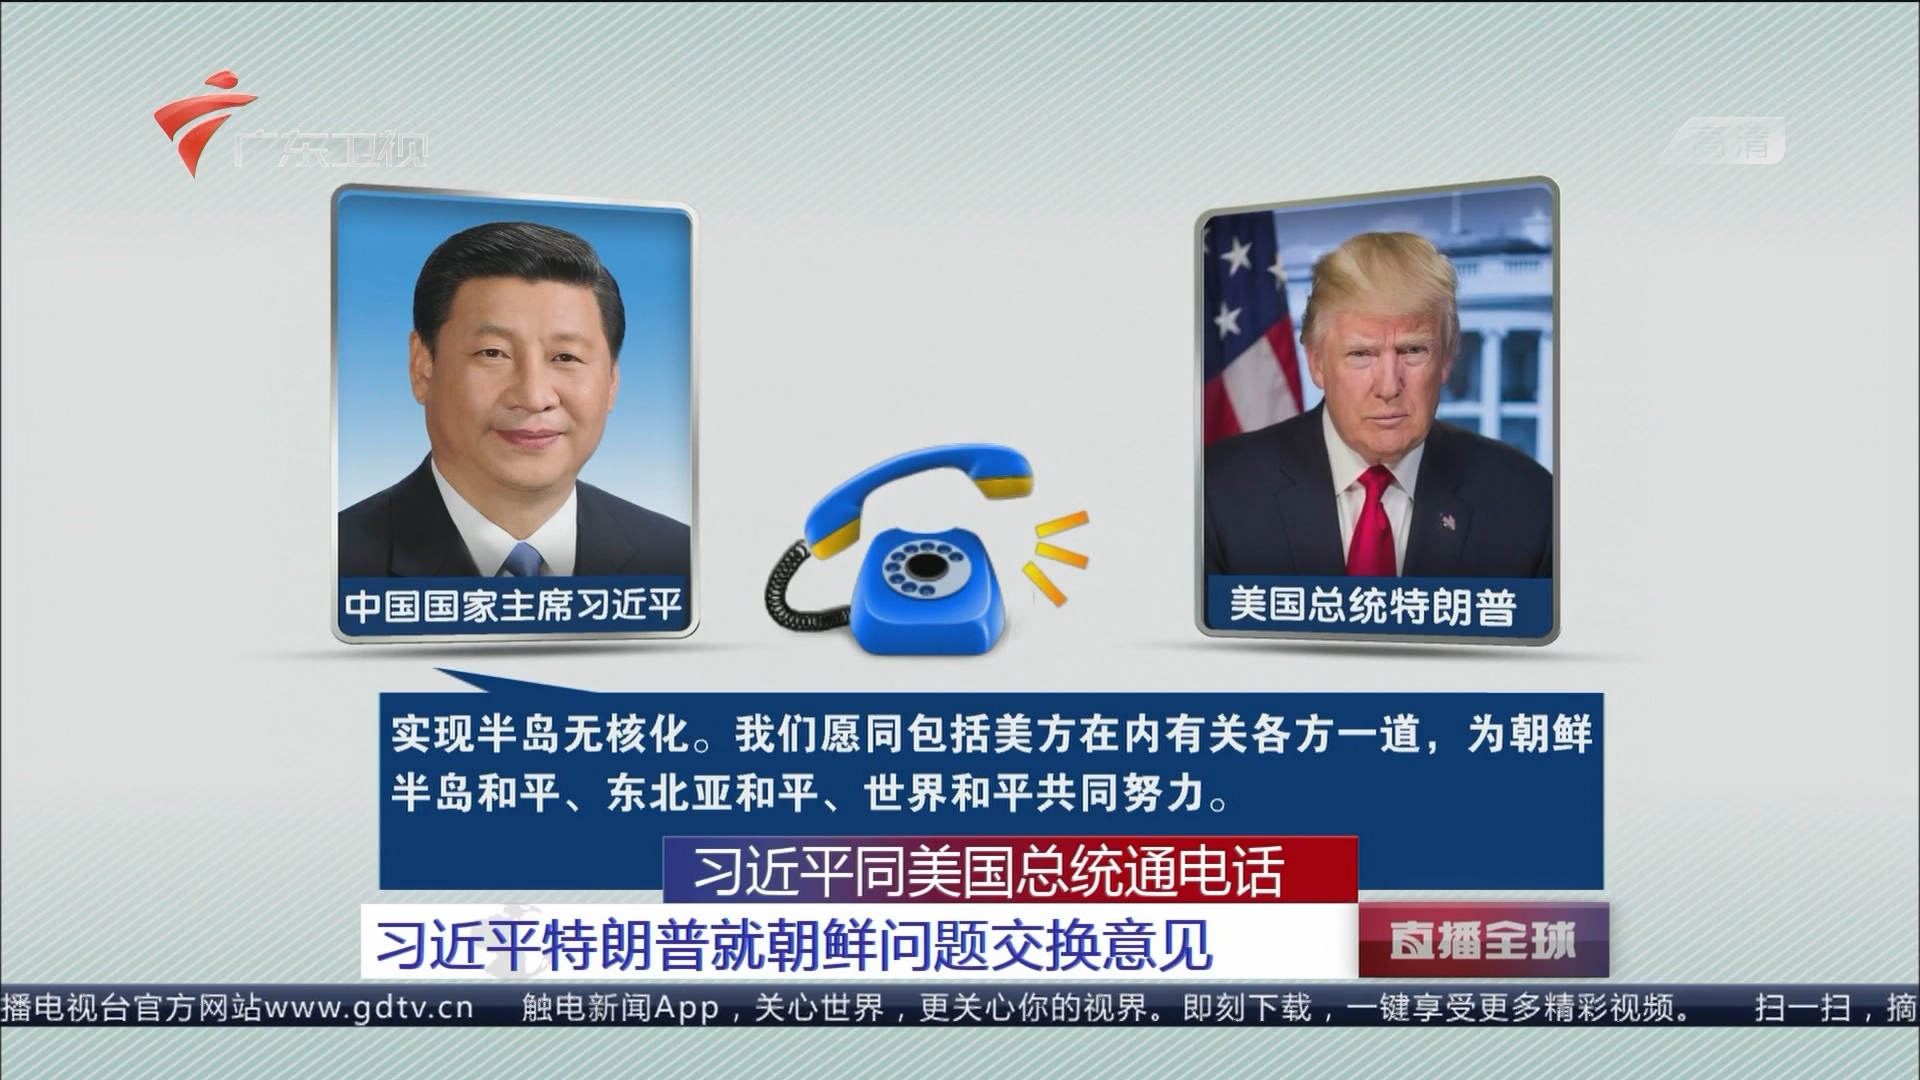 习近平同美国总统电话 习近平特朗普就朝鲜问题交换意见